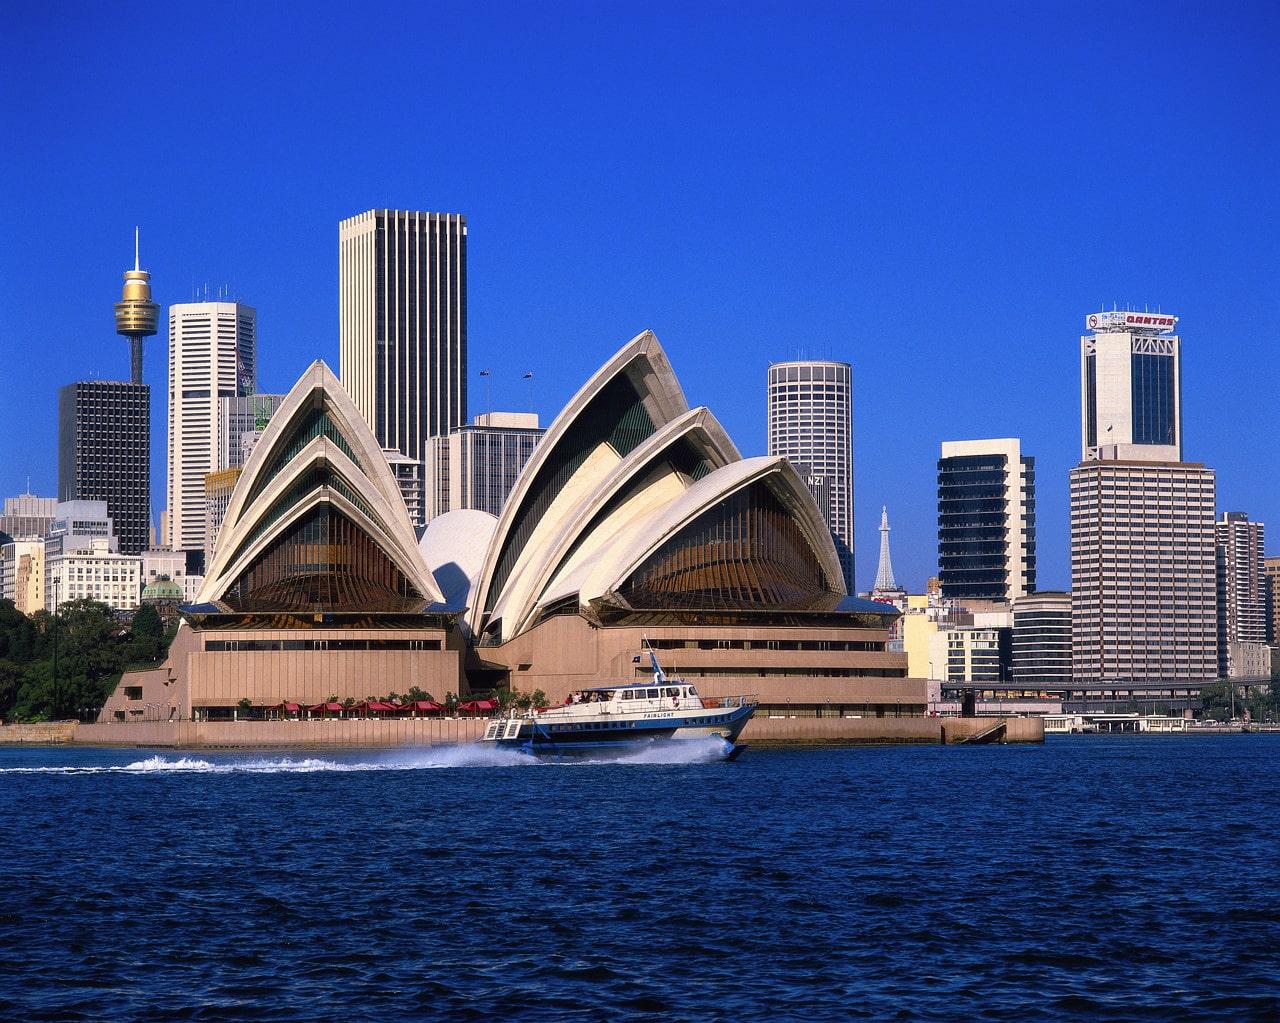 Și plimbările cu yachtul sunt o bună manieră de a admira Casa Operei